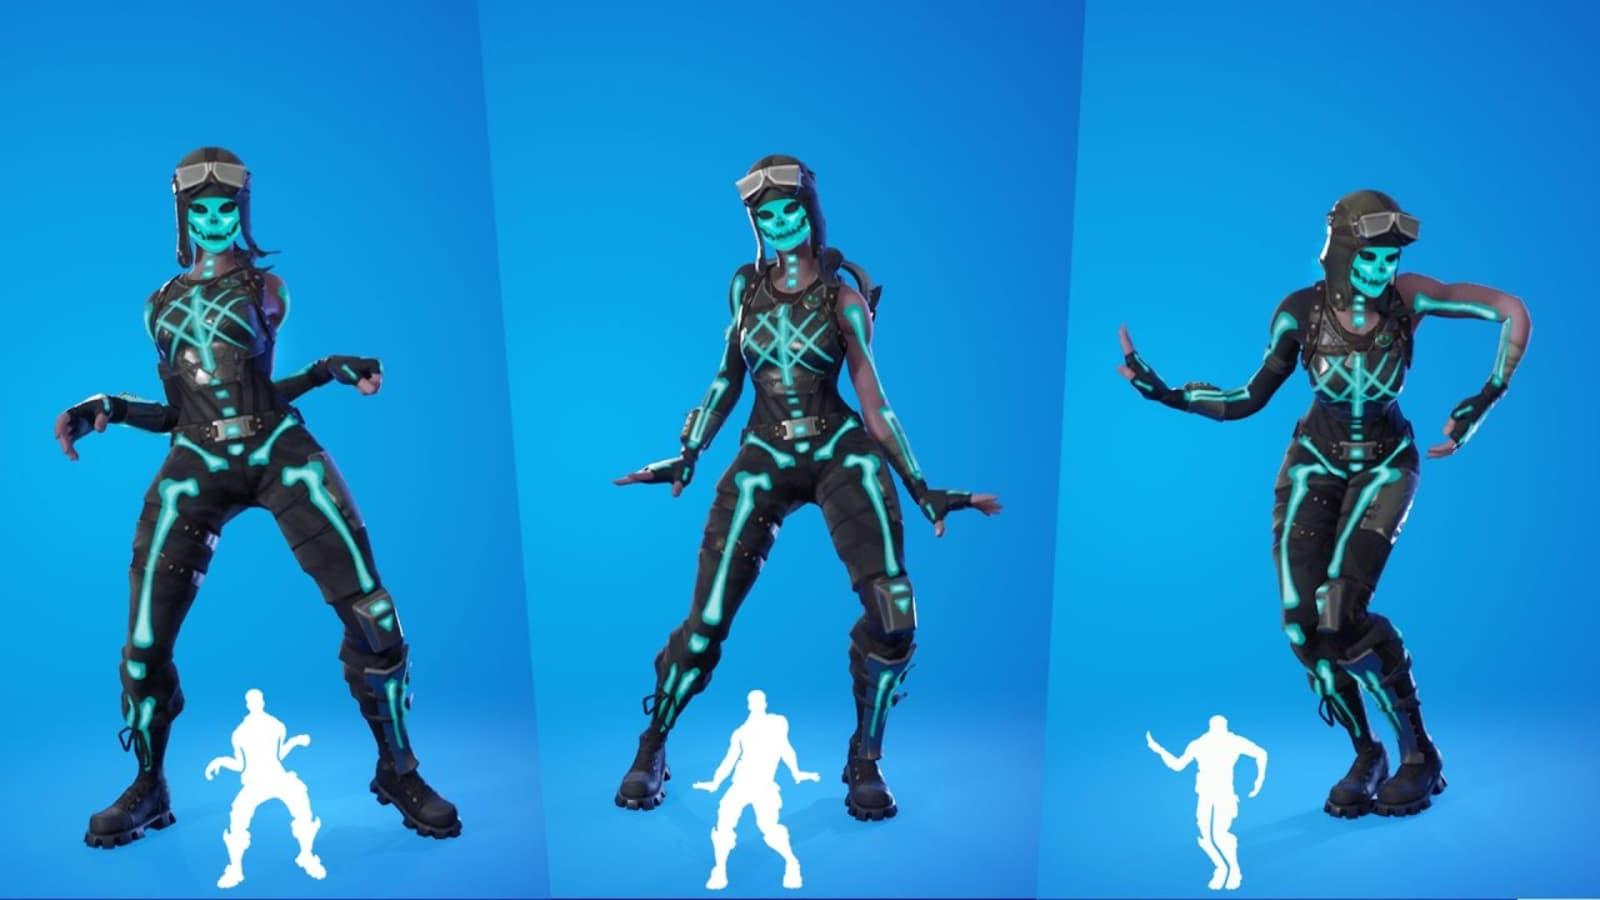 Cómo obtener un nuevo aspecto Fortnite Skeletara en la temporada 8